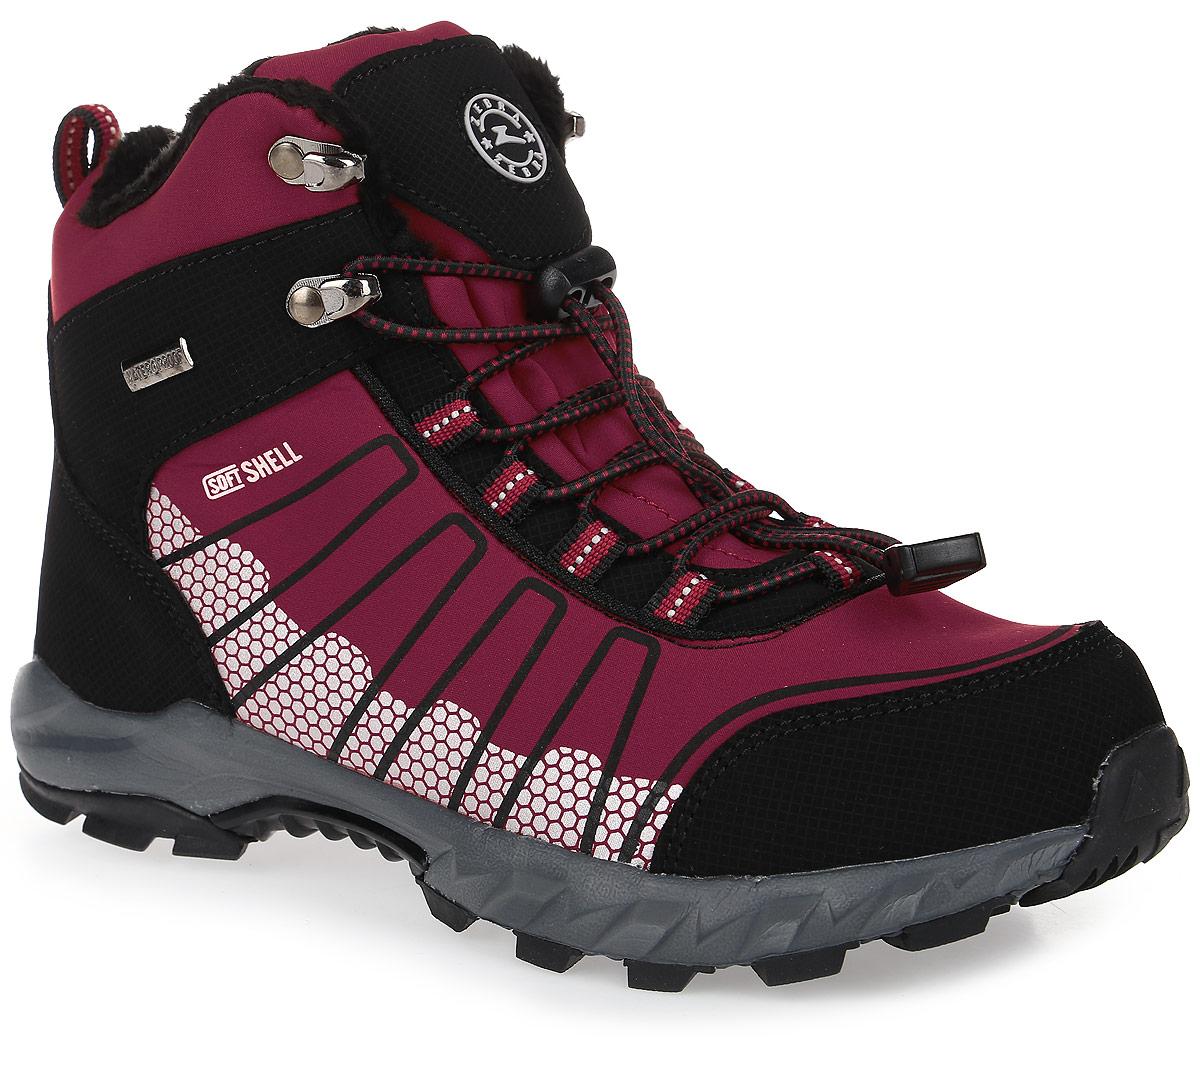 10969-4Модные ботинки от Зебра придутся по душе вашей дочурке! Модель изготовлена из ветро- и влагонепроницаемого материала. Эластичная шнуровка надежно зафиксирует обувь. Подкладка и стелька, исполненные из ворсистого материала, согреют ножки в холодную погоду. Подошва с оригинальным рисунком протектора гарантирует идеальное сцепление с любой поверхностью.